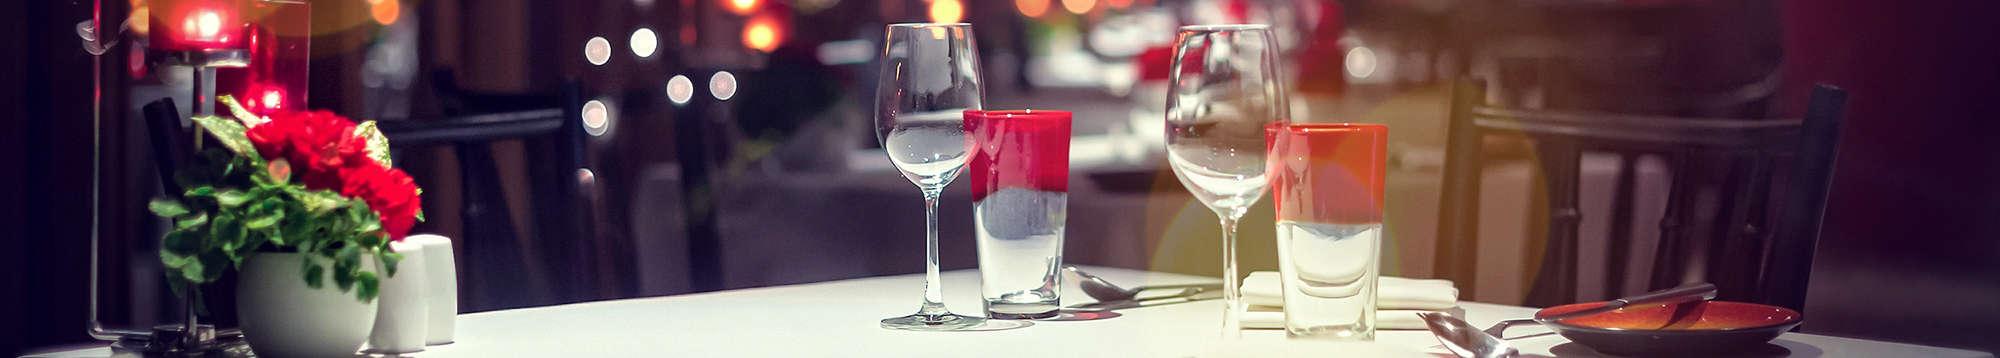 Week-end et séjour Saint-Valentin avec dîner